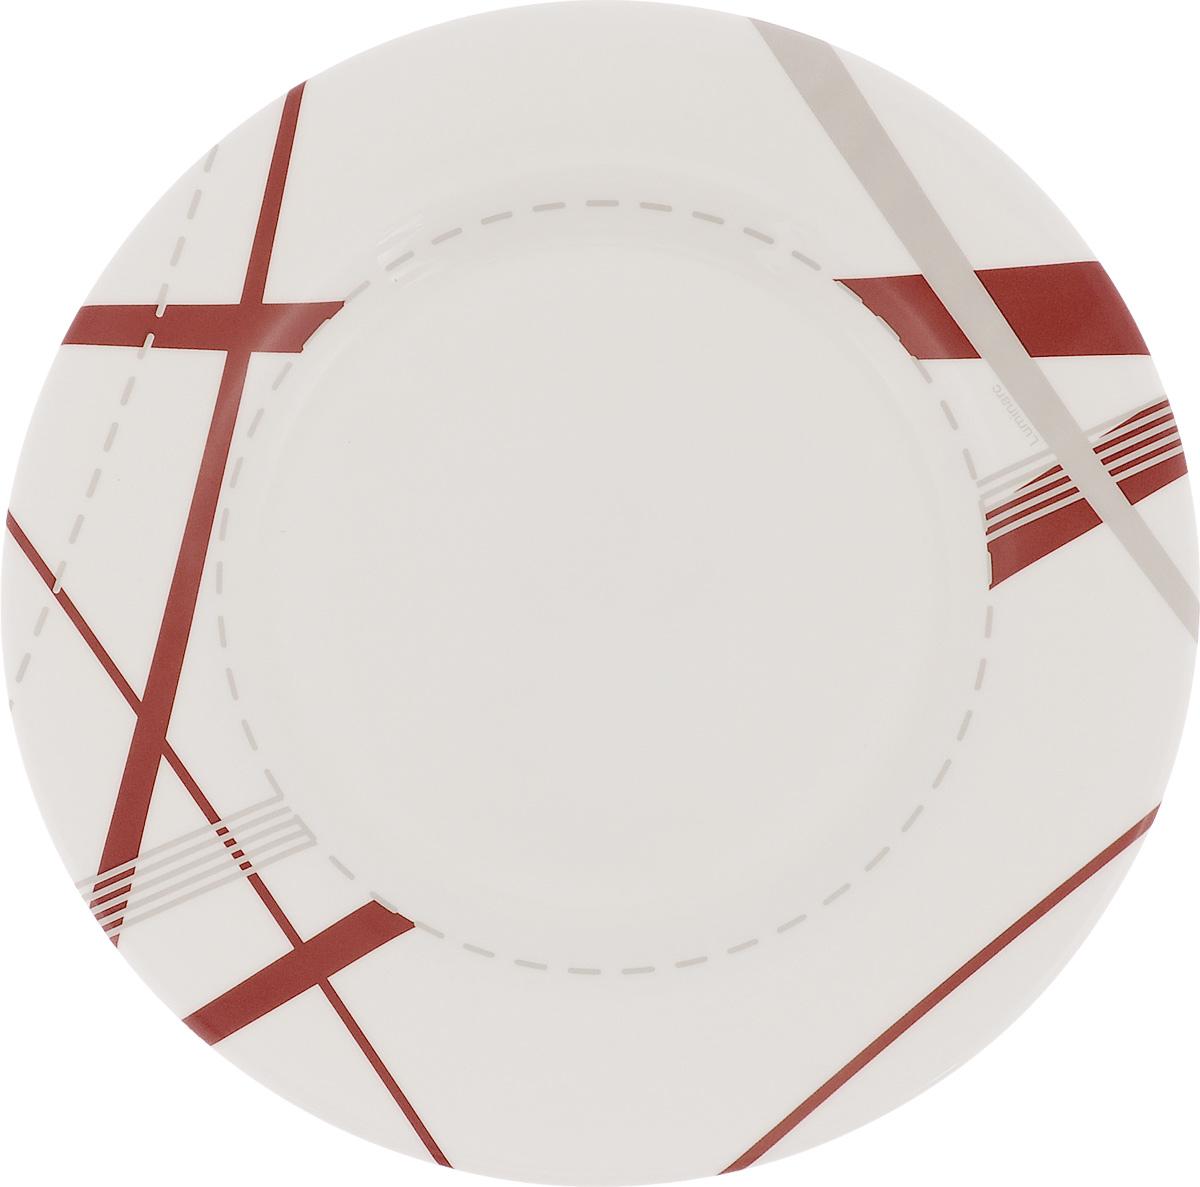 Тарелка десертная Luminarc Couture, диаметр 21 смJ2402Десертная тарелка Luminarc Couture, изготовленная из ударопрочного стекла, декорирована ярким рисунком. Такая тарелка прекрасно подходит как для торжественных случаев, так и для повседневного использования. Идеальна для подачи десертов, пирожных, тортов и многого другого. Она прекрасно оформит стол и станет отличным дополнением к вашей коллекции кухонной посуды. Диаметр тарелки (по верхнему краю): 21 см.